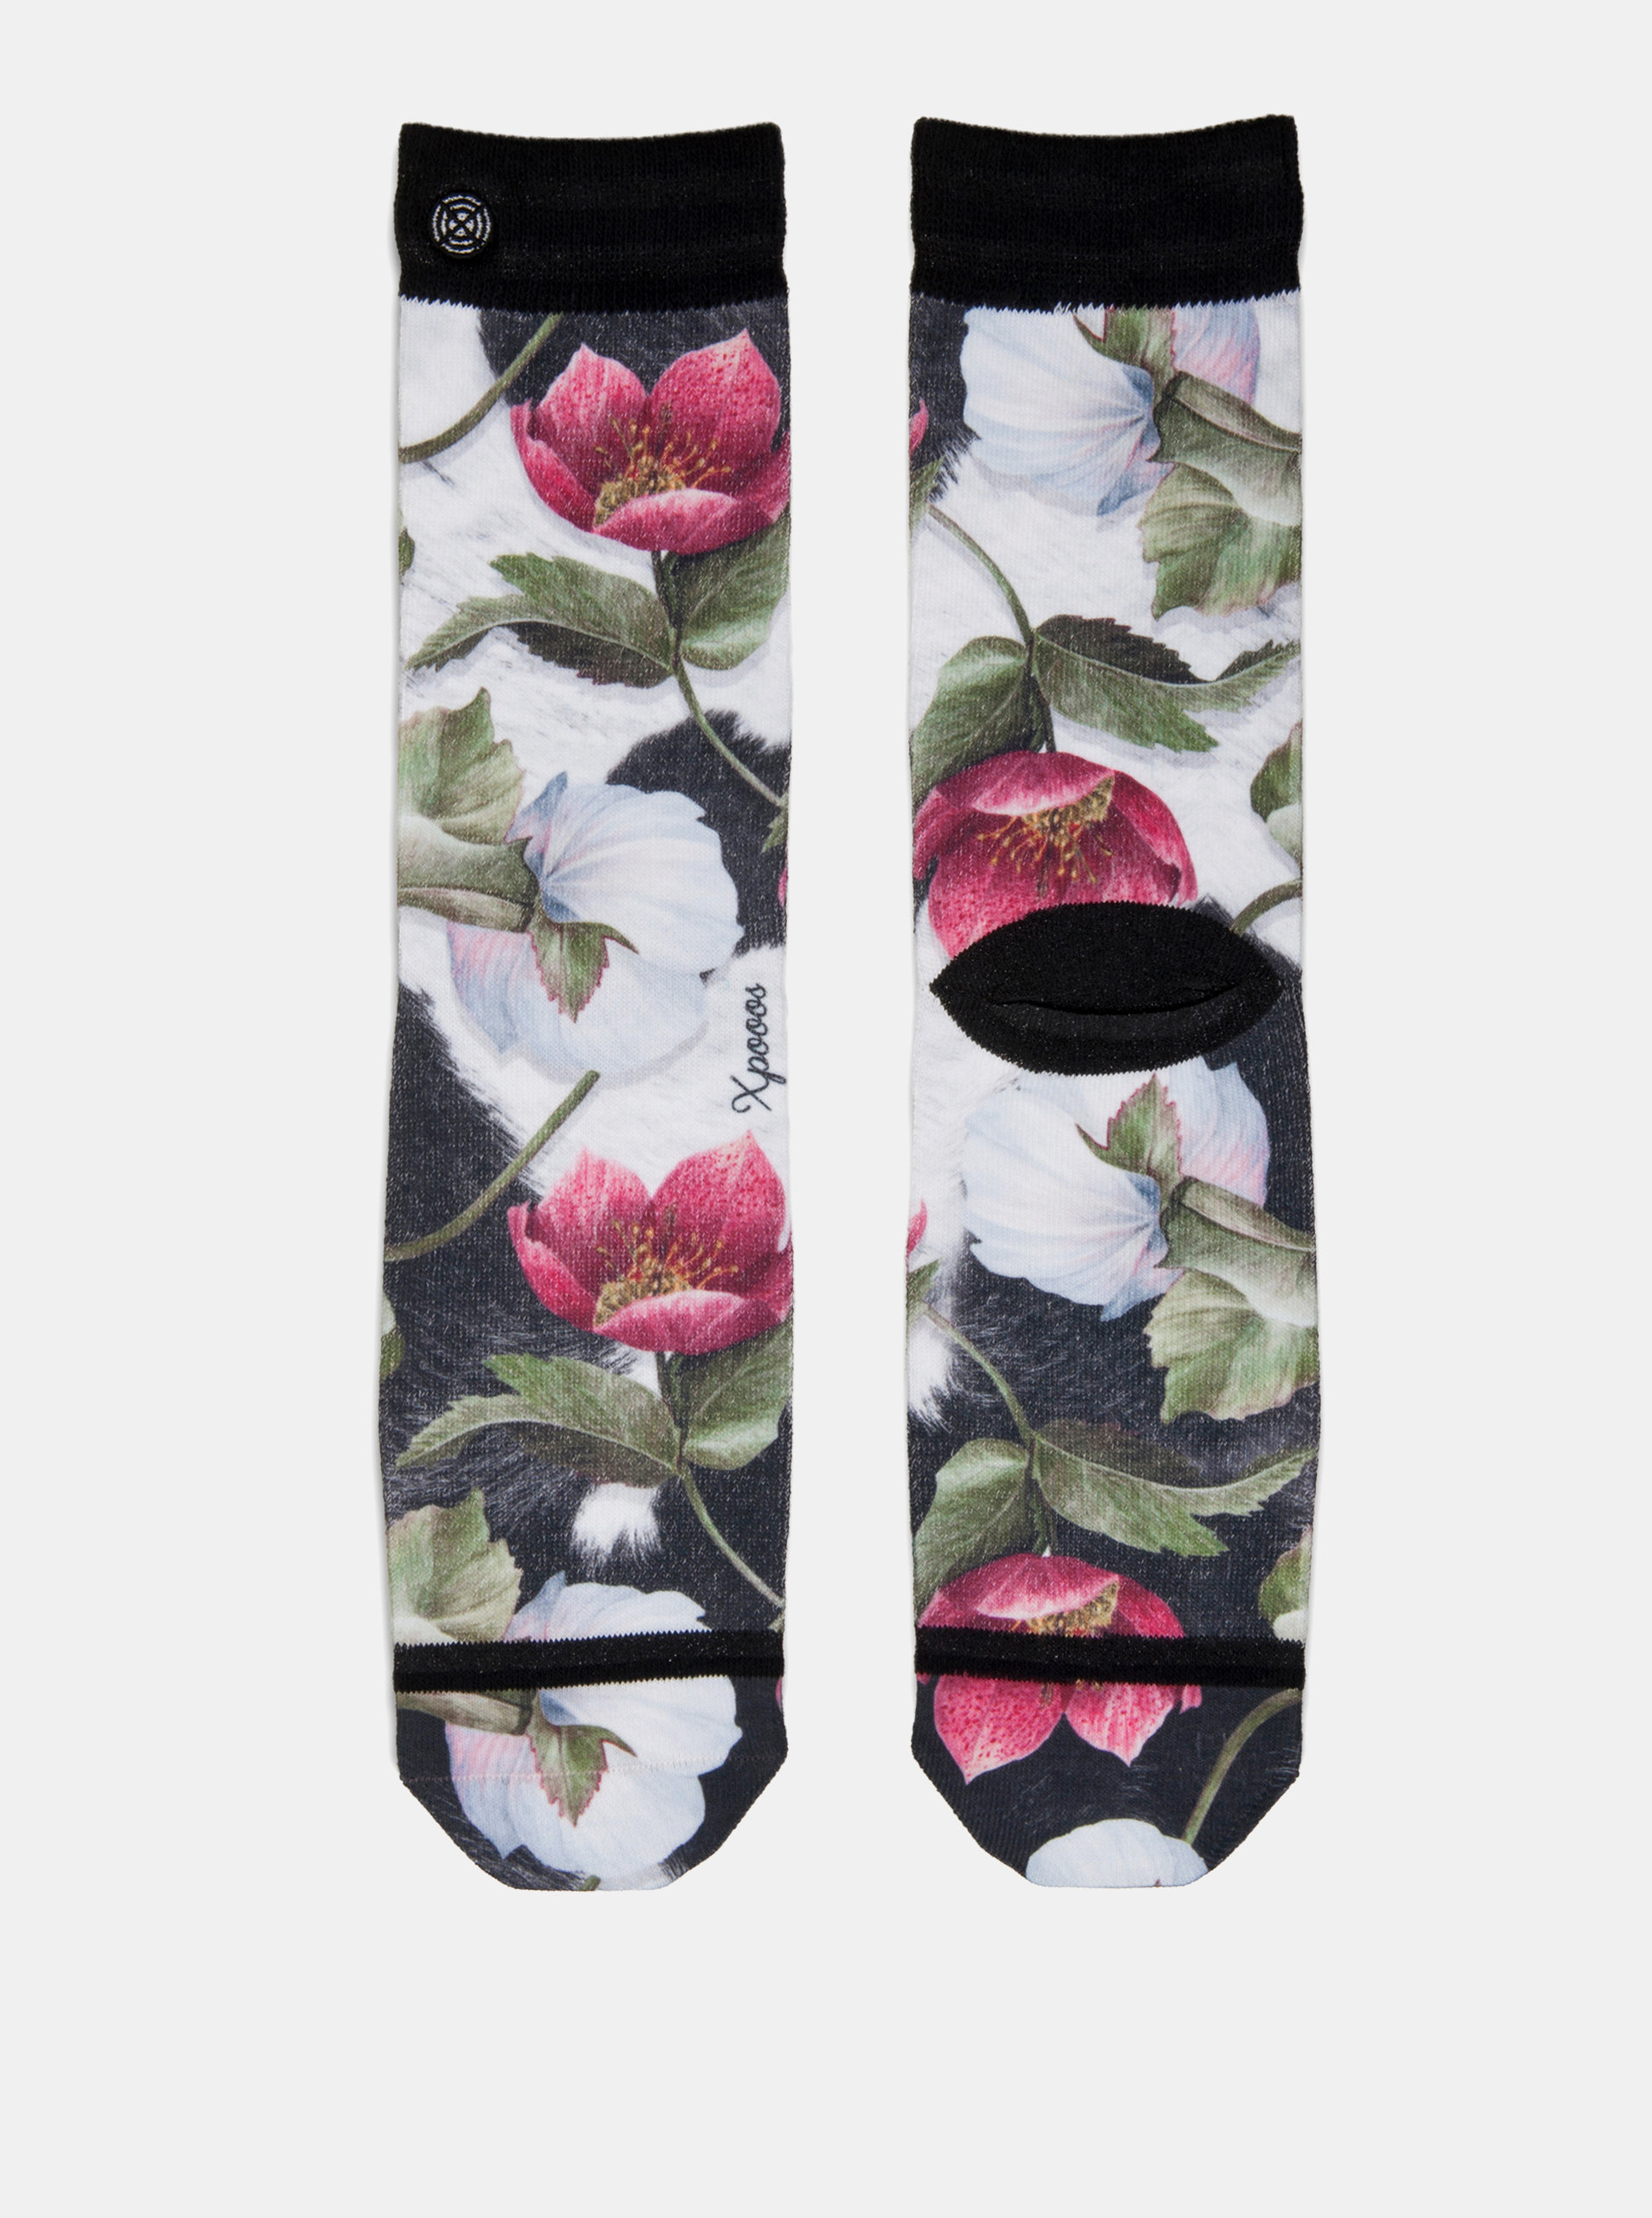 d2775b0e606 Černo-bílé dámské květované ponožky XPOOOS ...